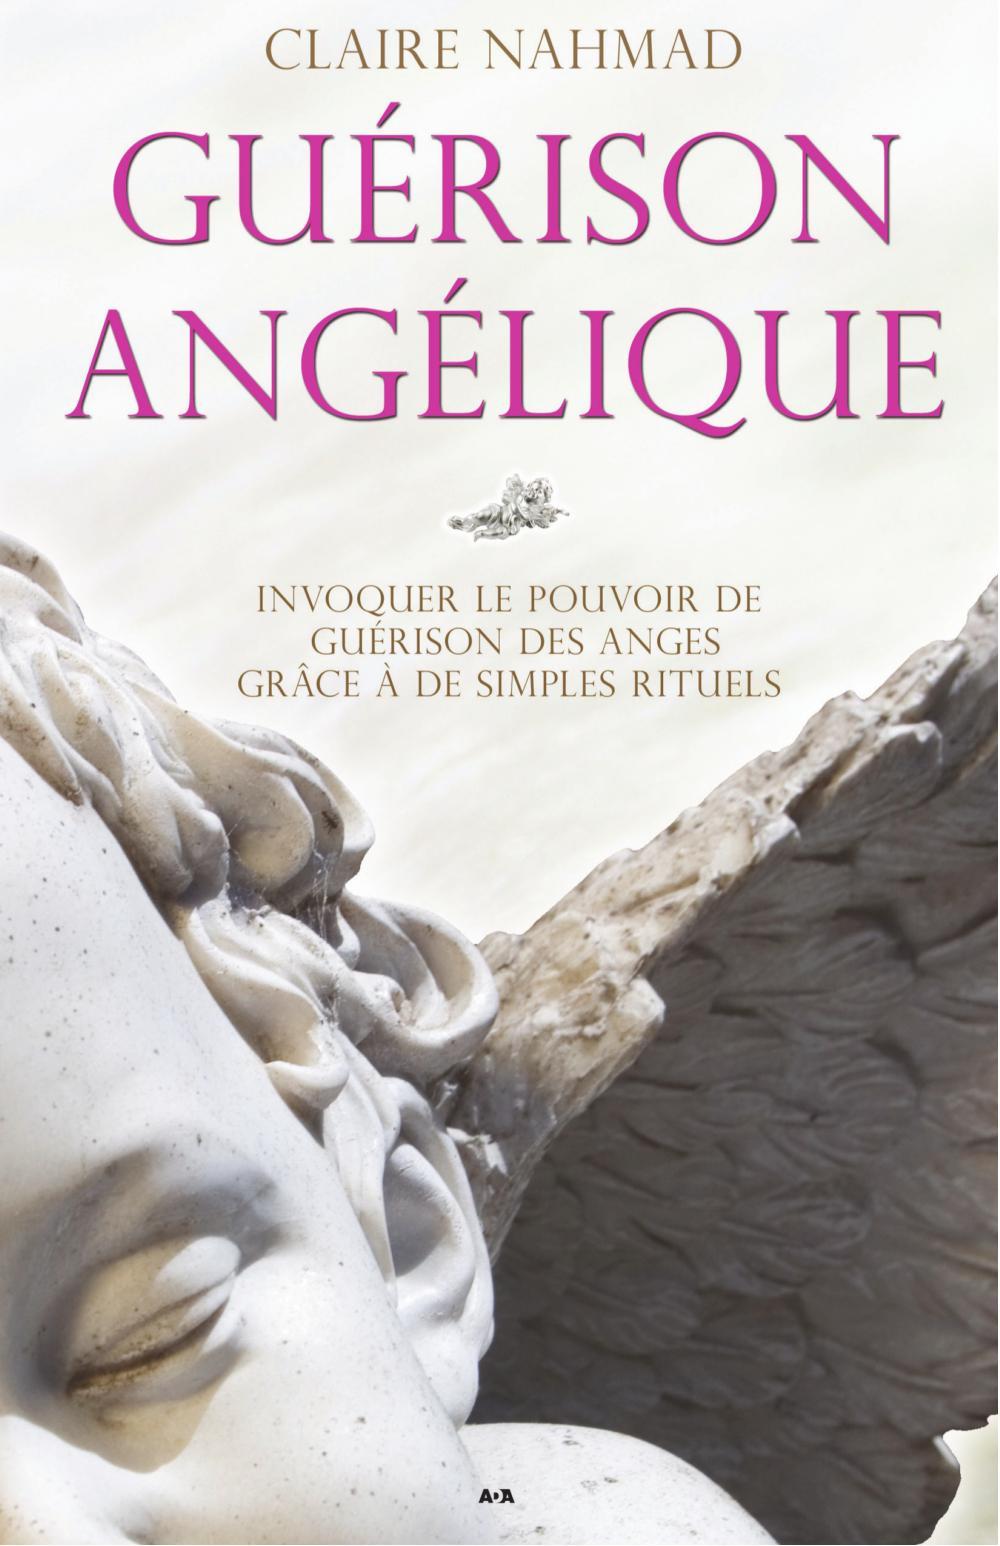 Guérison angélique